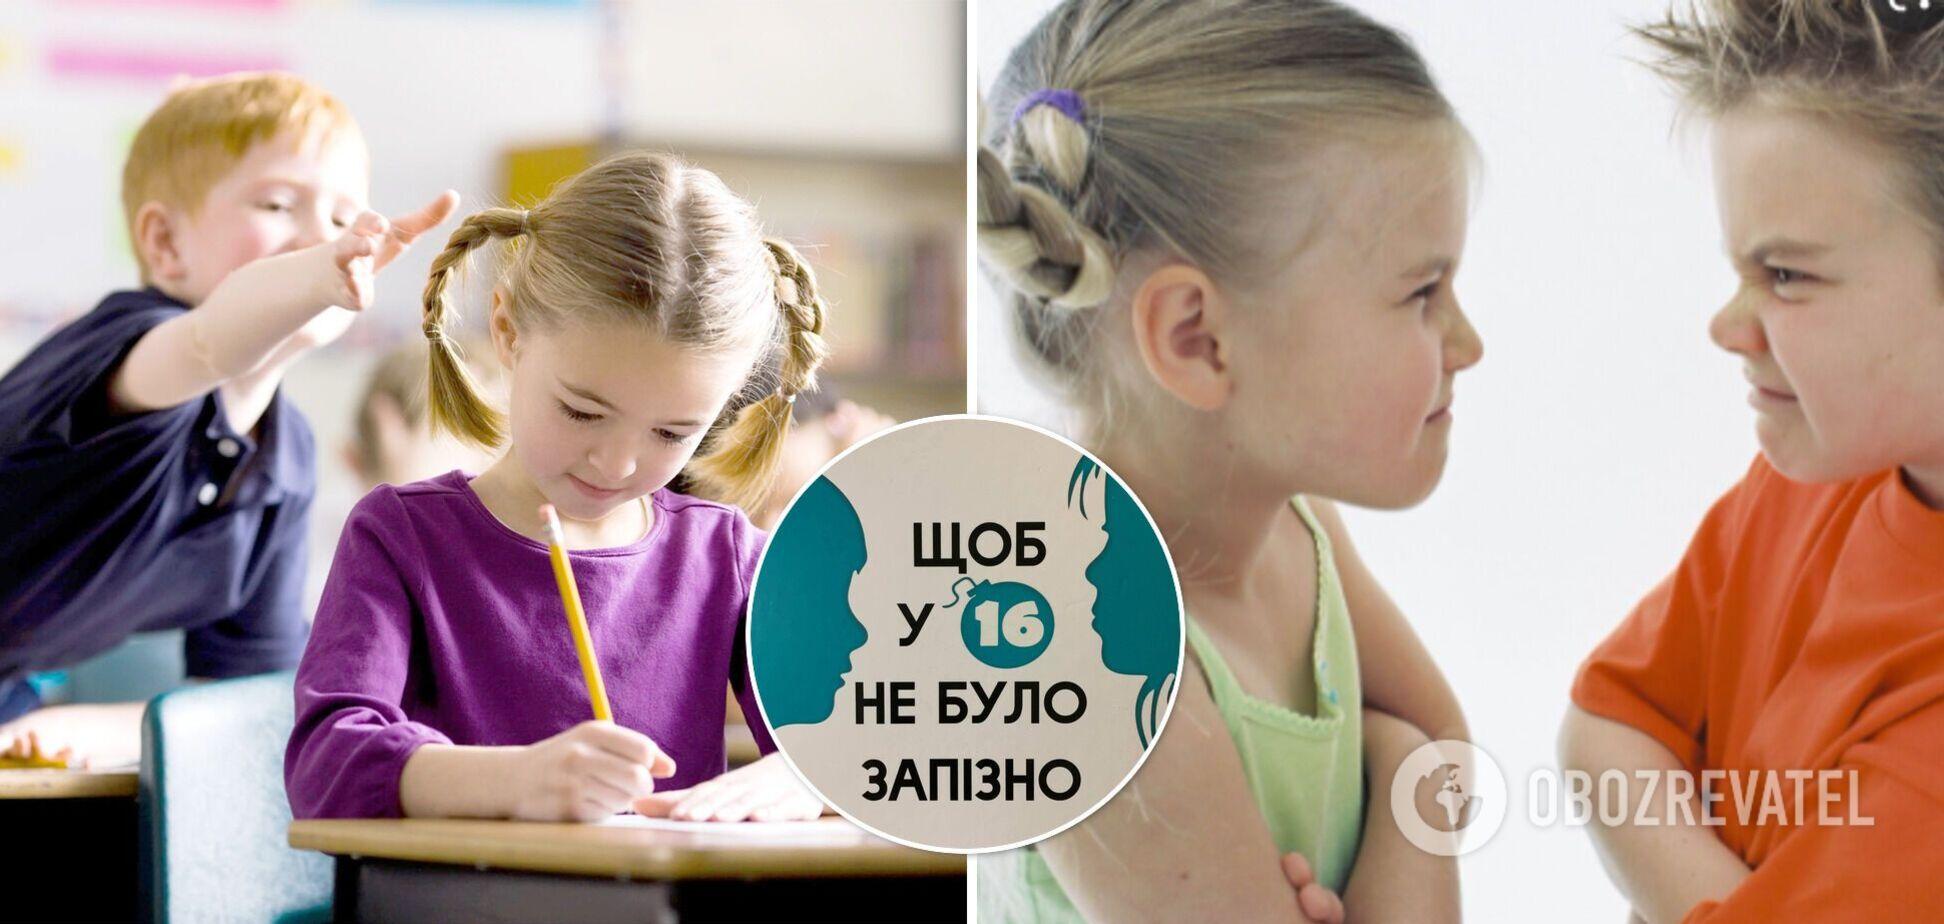 В Украине разгорелся скандал вокруг книги о гендерном воспитании. Все подробности и реакция сети